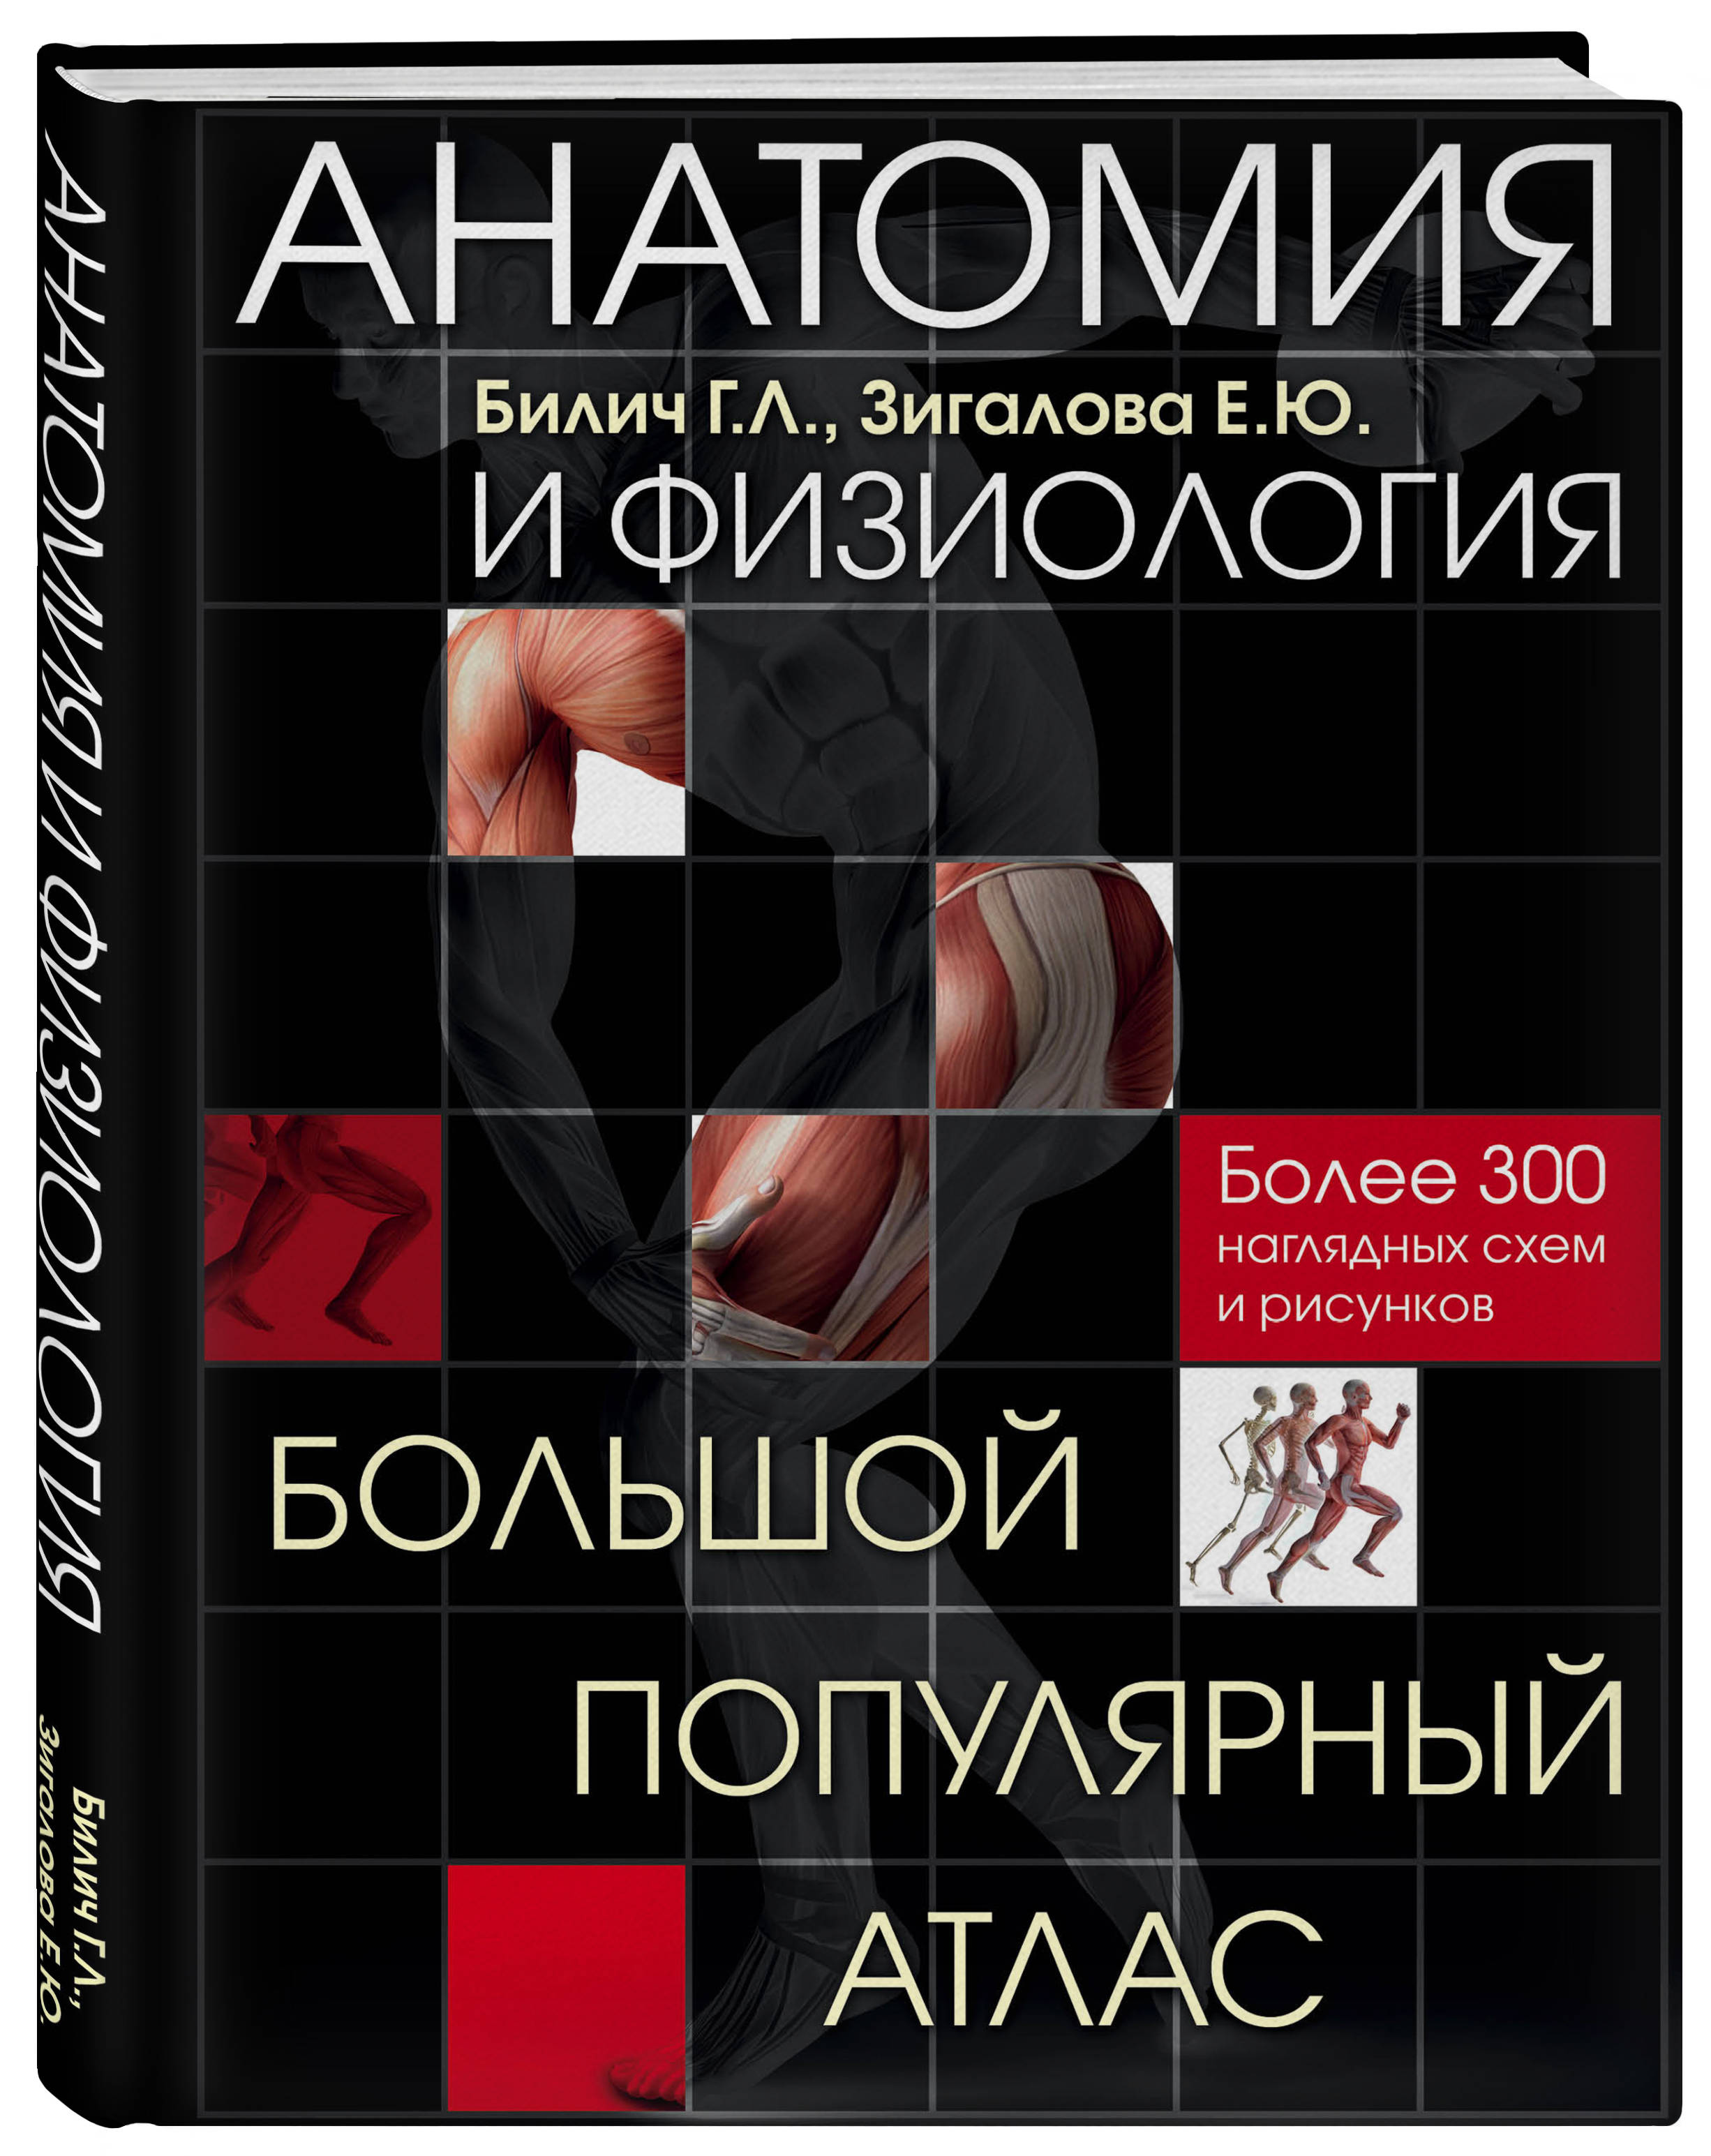 Анатомия и физиология. Большой популярный атлас ( Билич Г.Л., Зигалова Е.Ю.  )